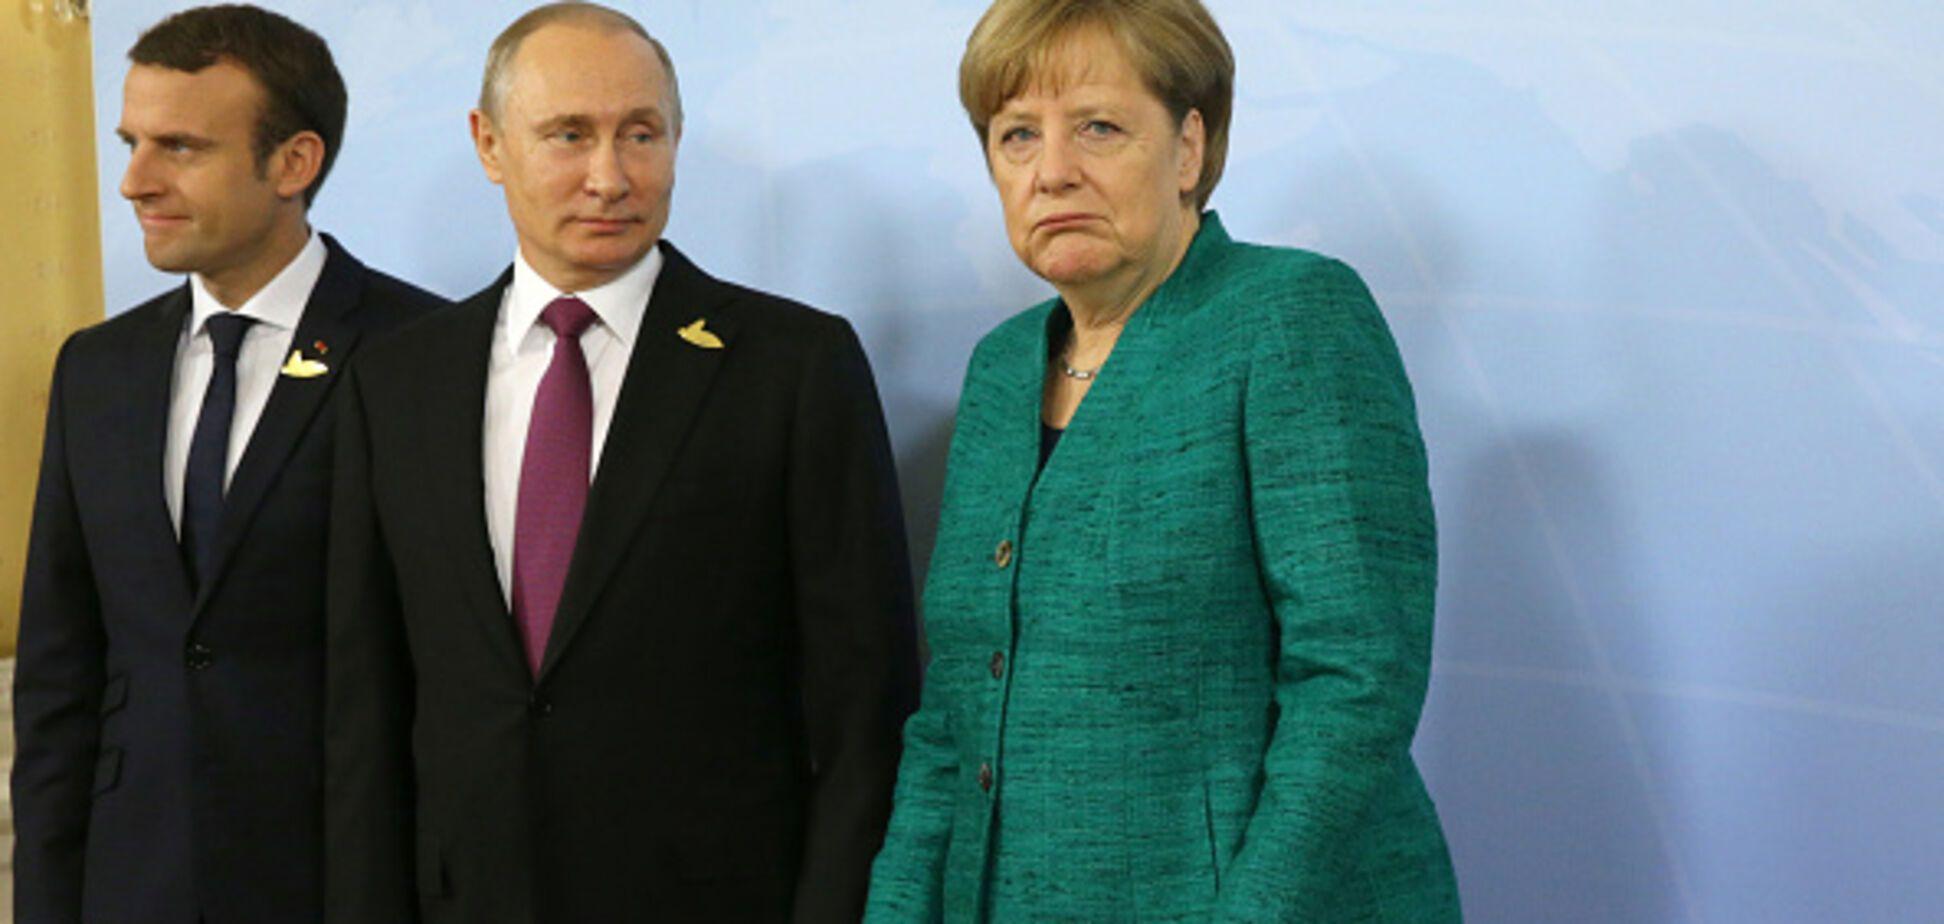 Макрон и Меркель после Порошенко поедут к Путину: чего ждать